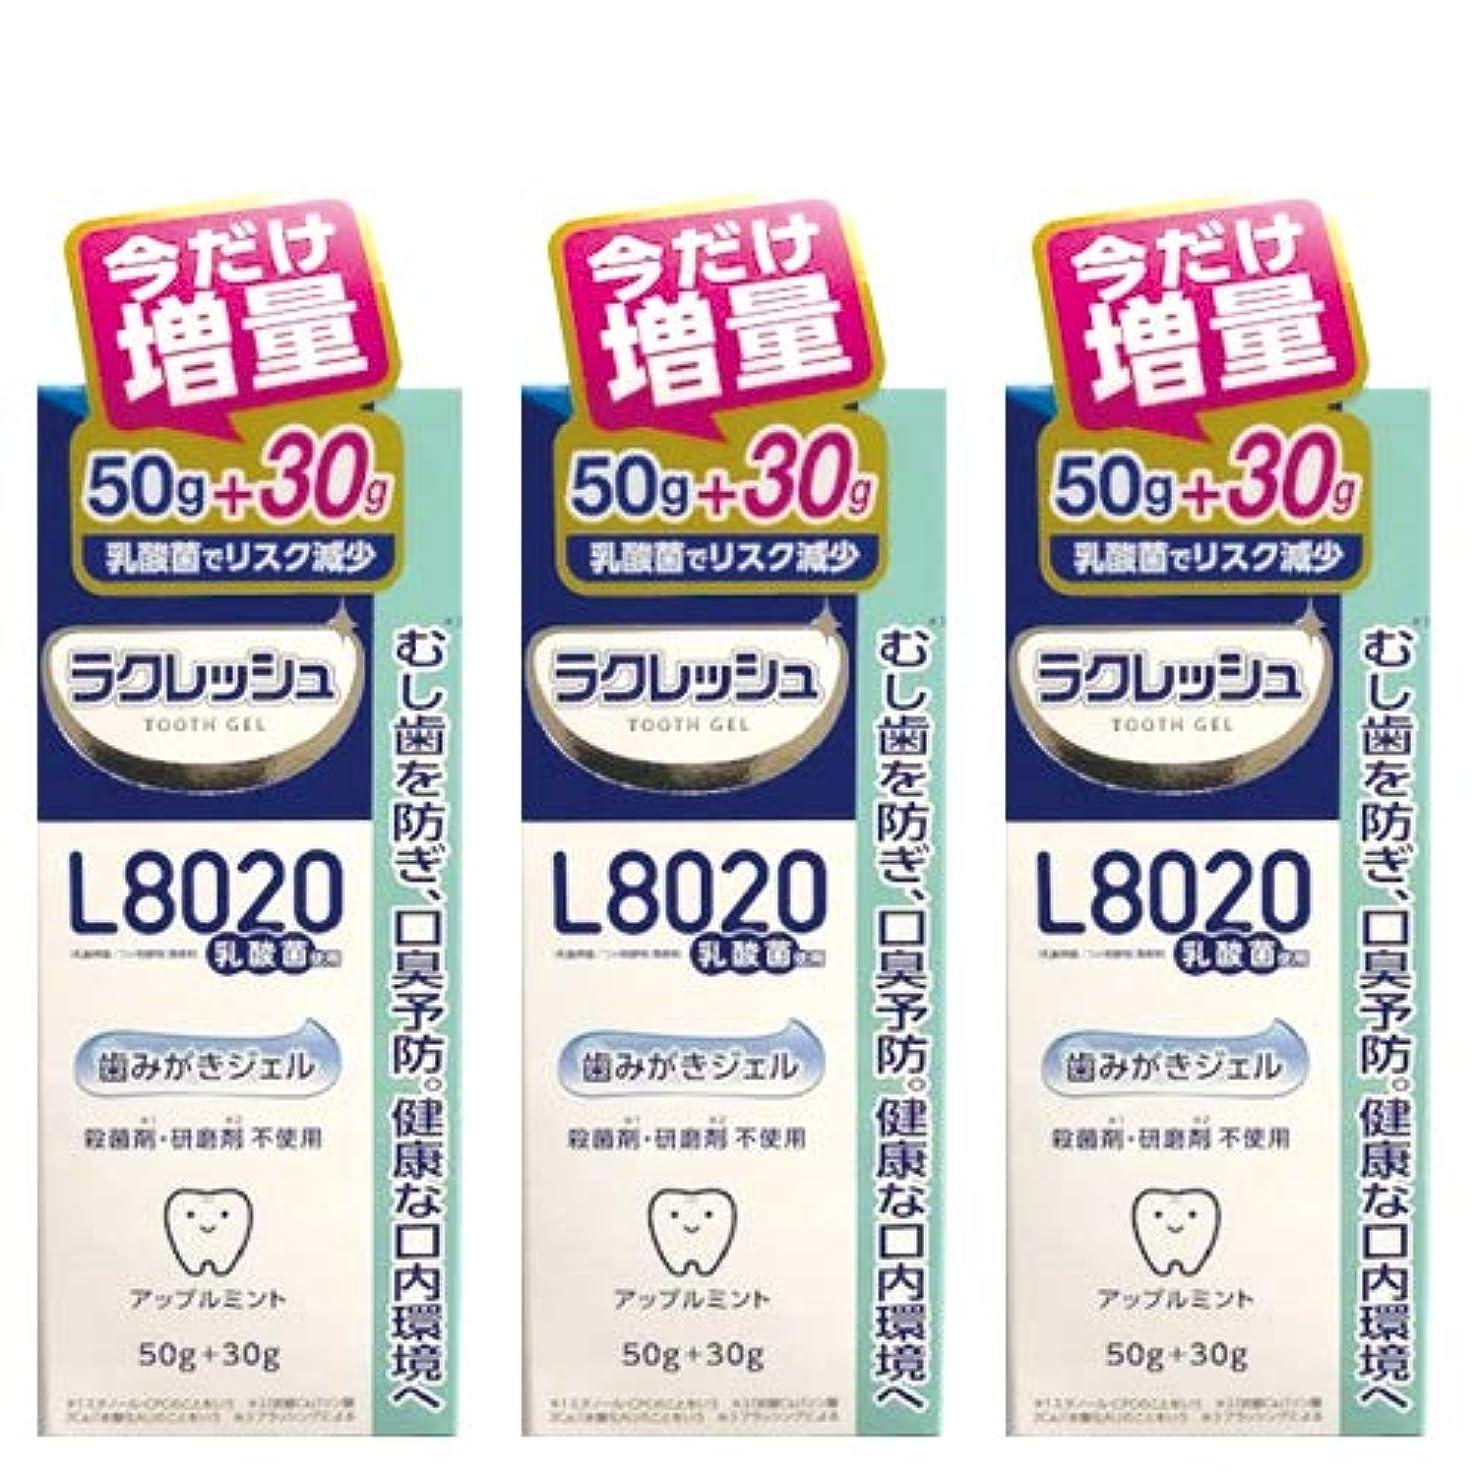 ピストル余計な代理店【増量30g 】ジェクス L8020乳酸菌 ラクレッシュ 歯みがきジェル 80g(50g+30g)×3本セット